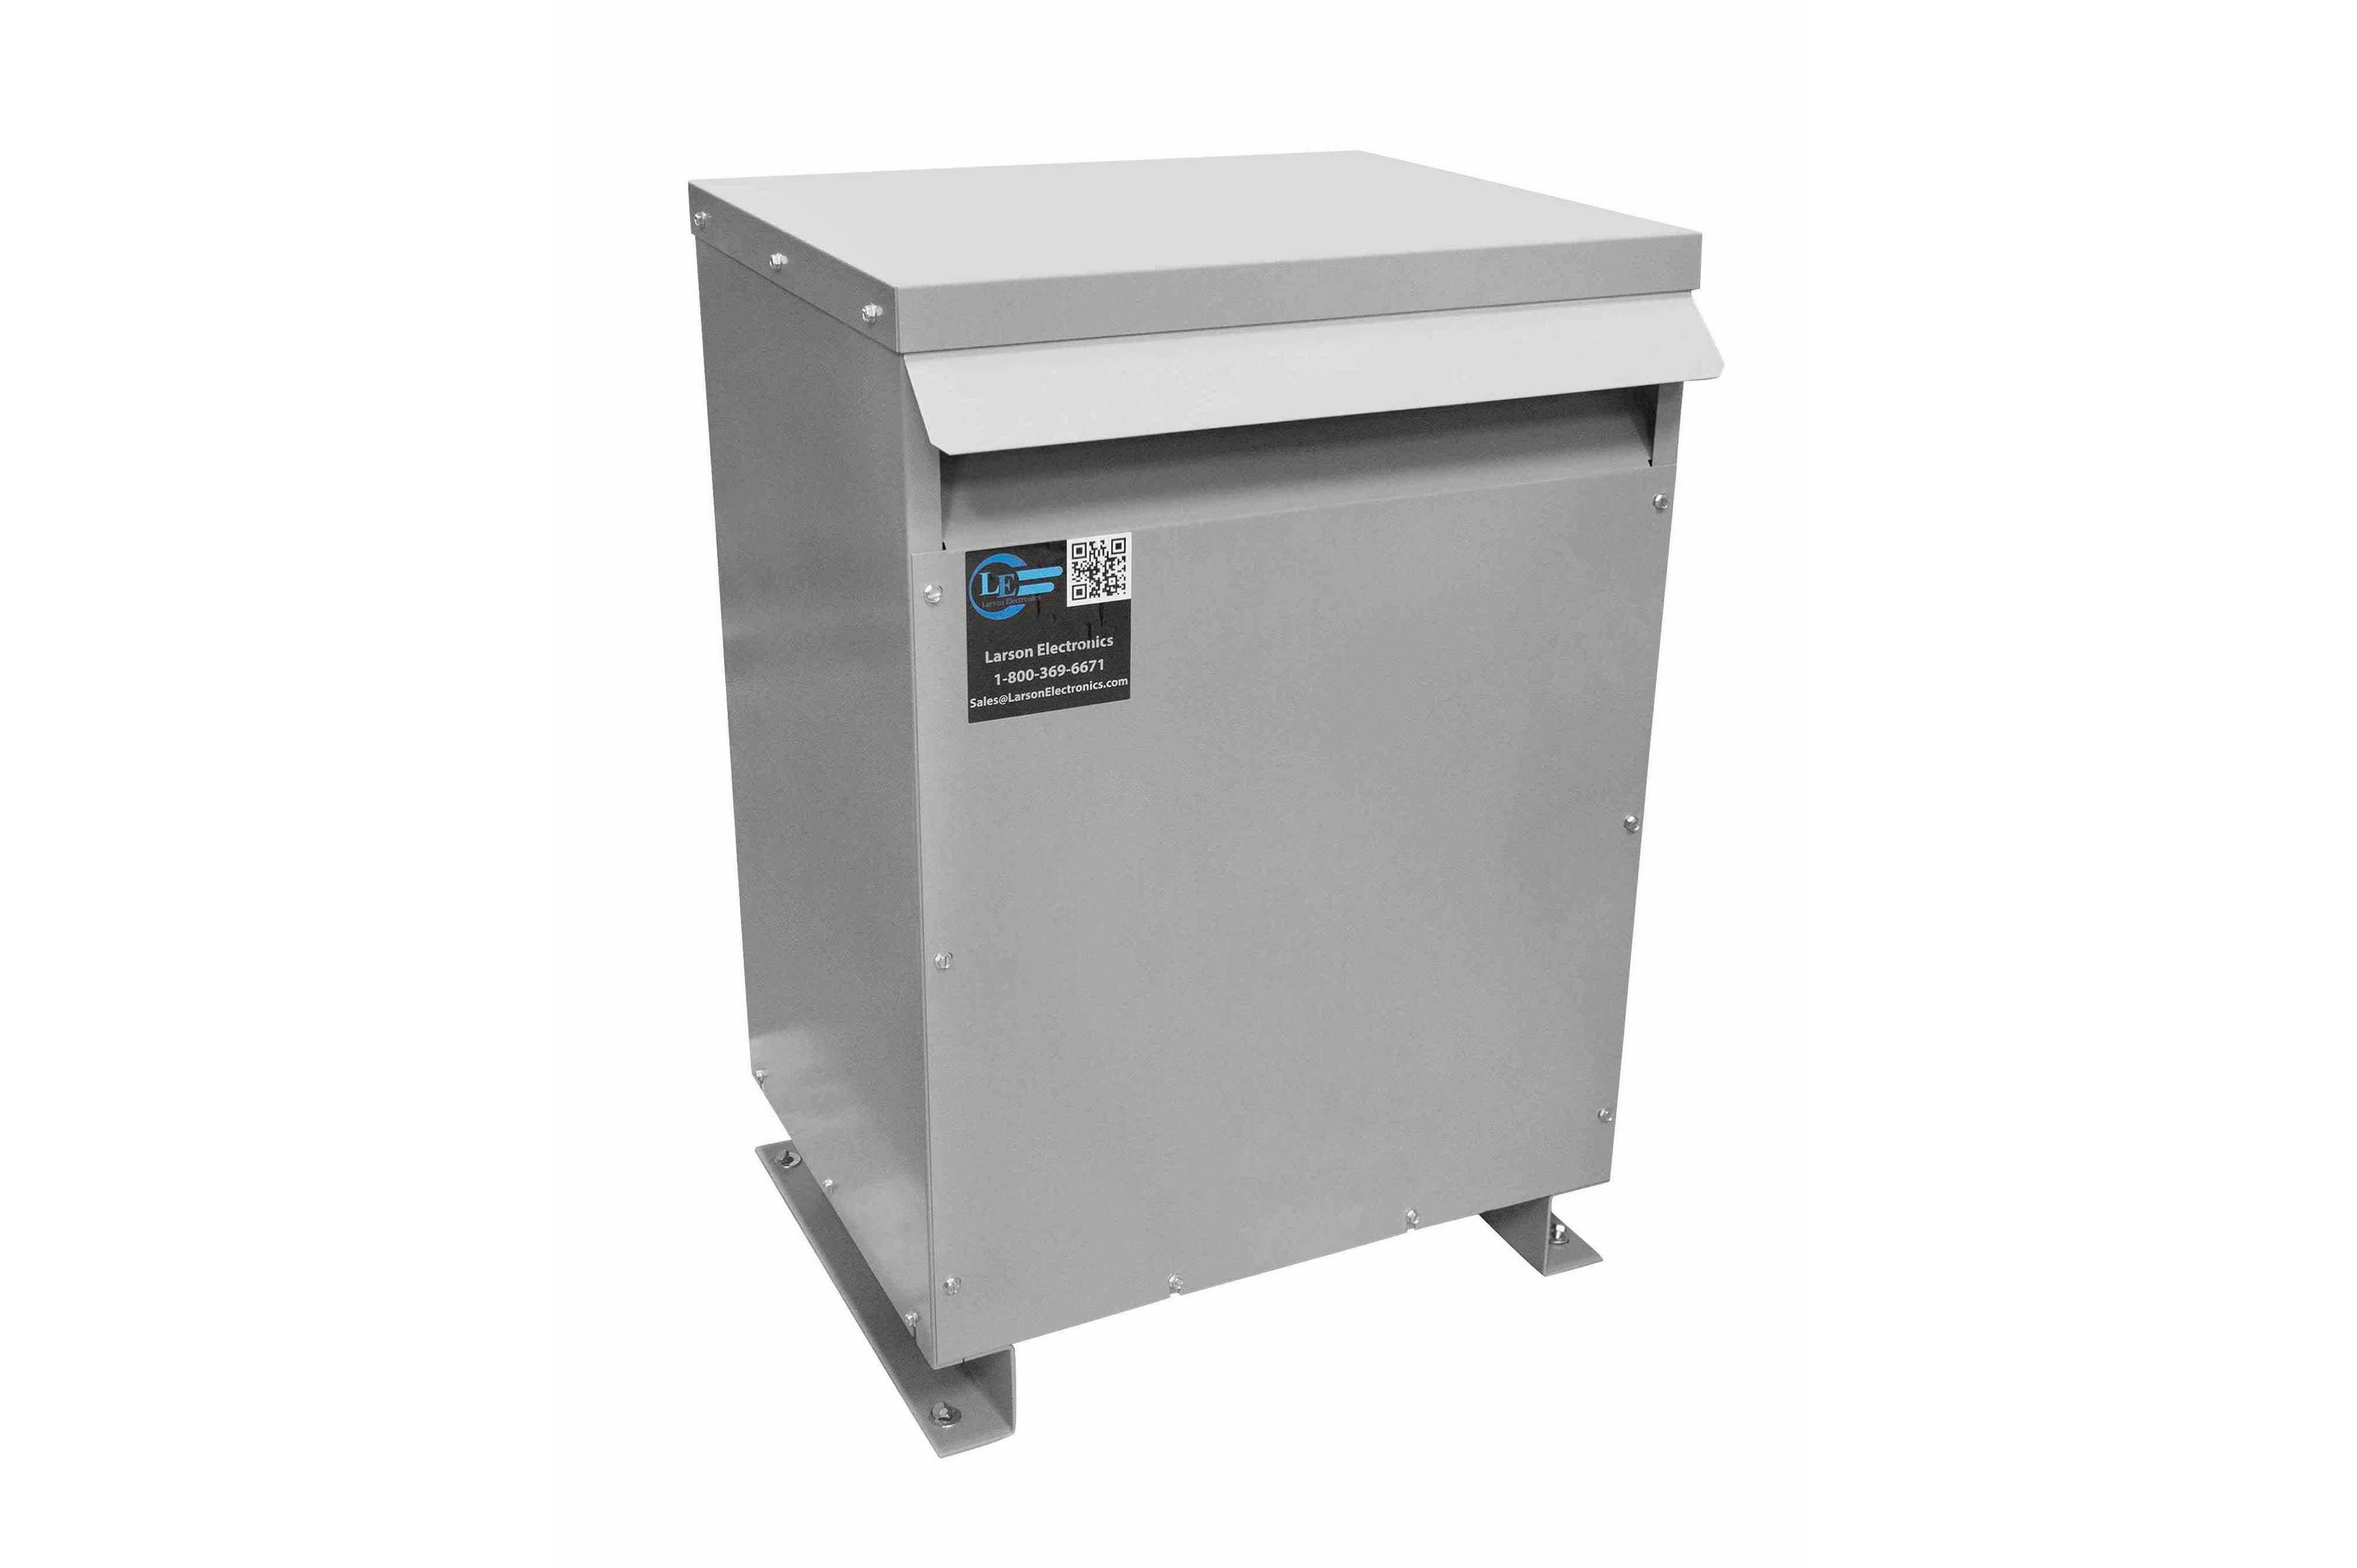 600 kVA 3PH Isolation Transformer, 440V Delta Primary, 208V Delta Secondary, N3R, Ventilated, 60 Hz